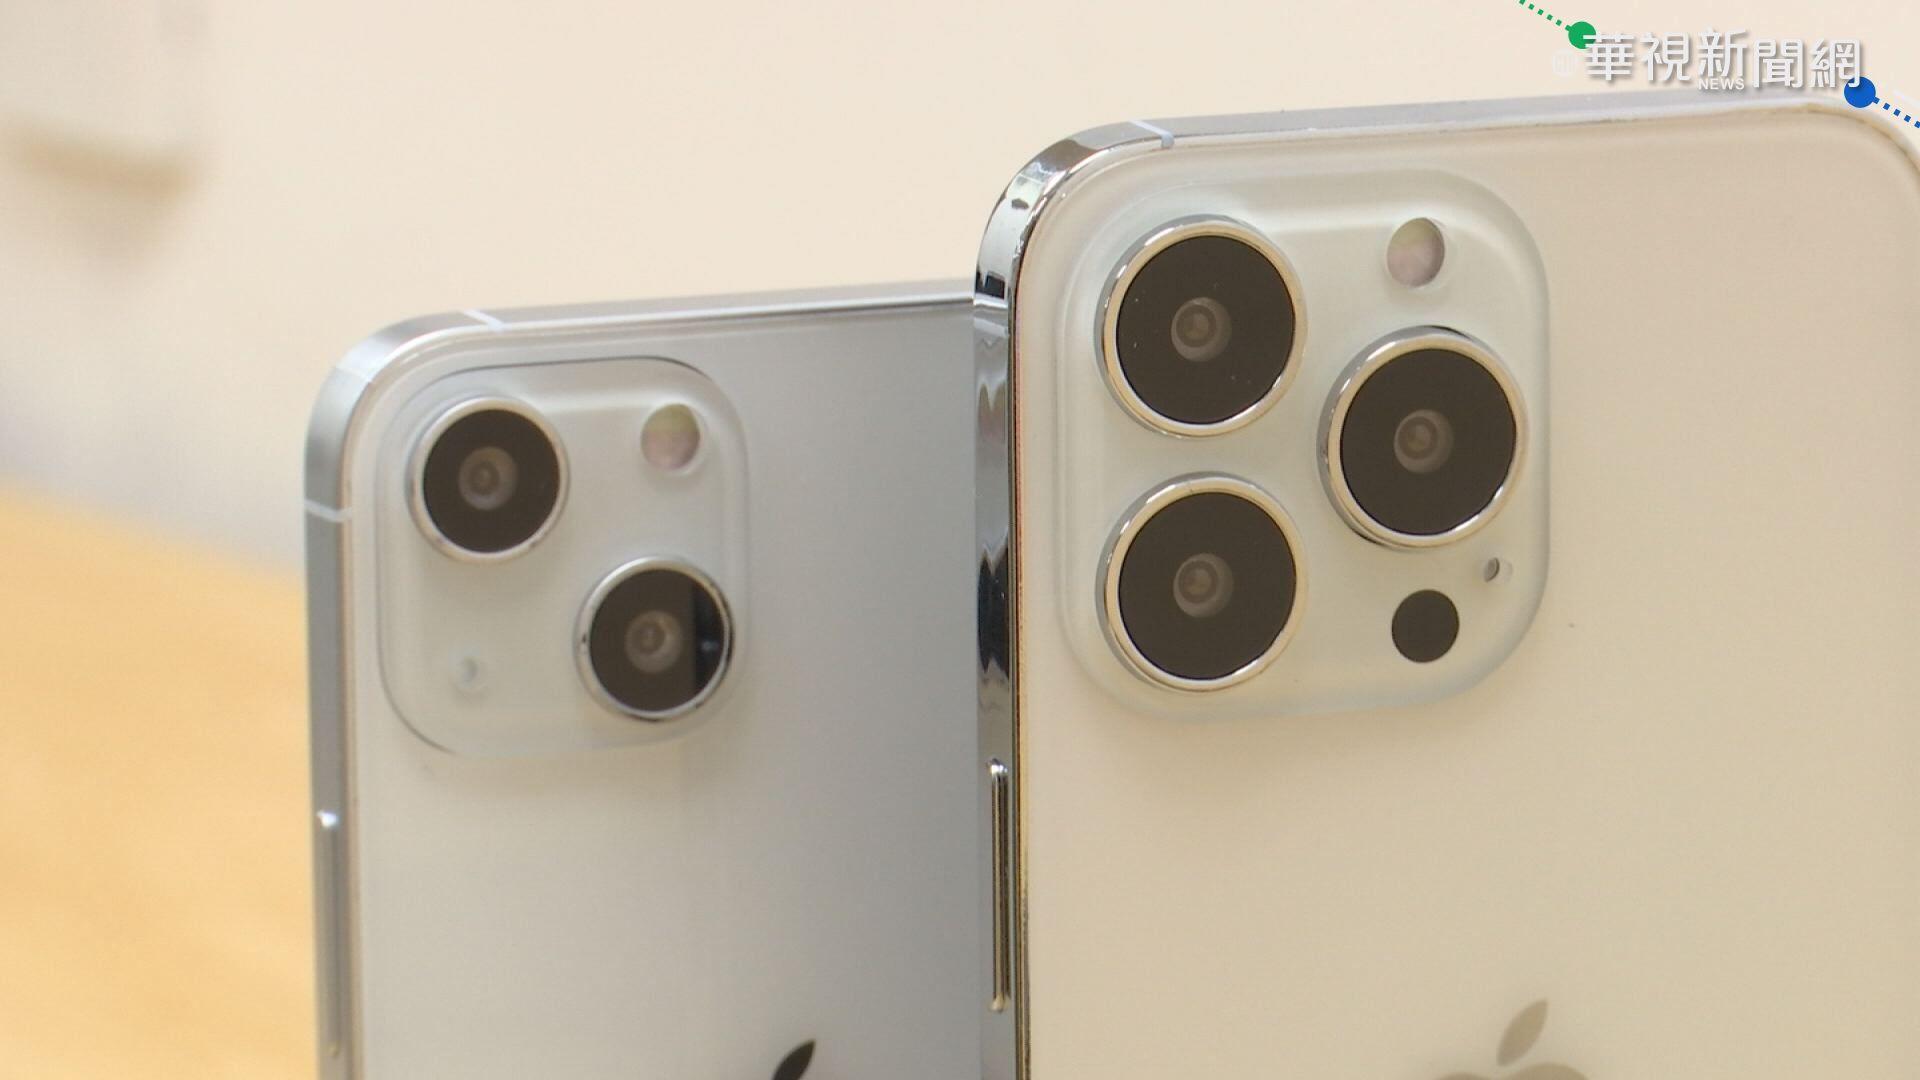 iPhone13開賣了! 1TB大容量最吸睛